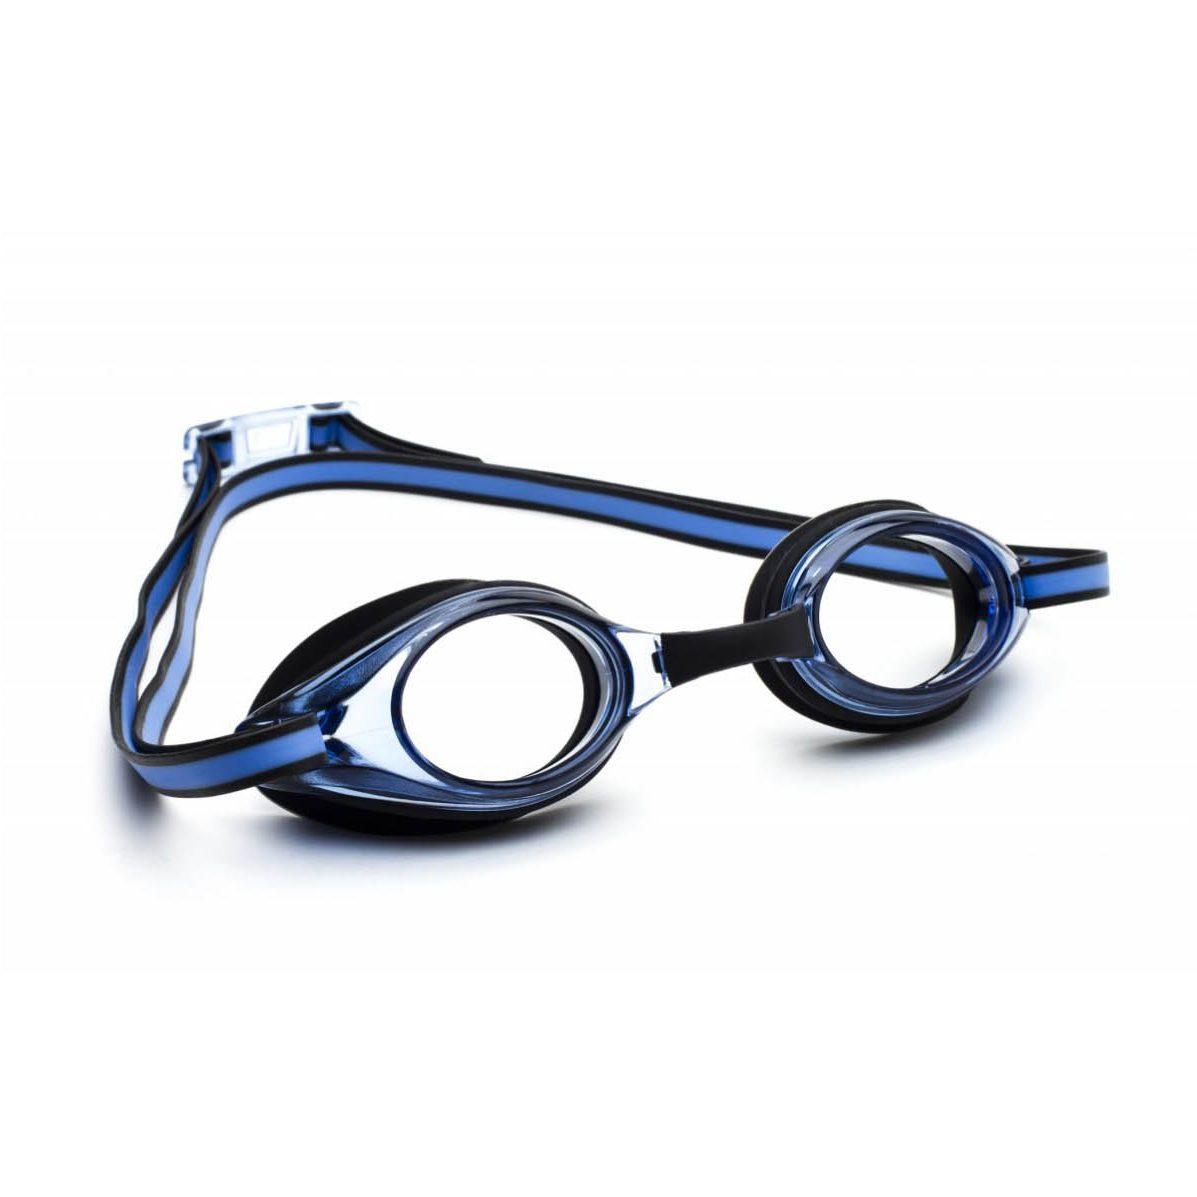 Types of Eyewear